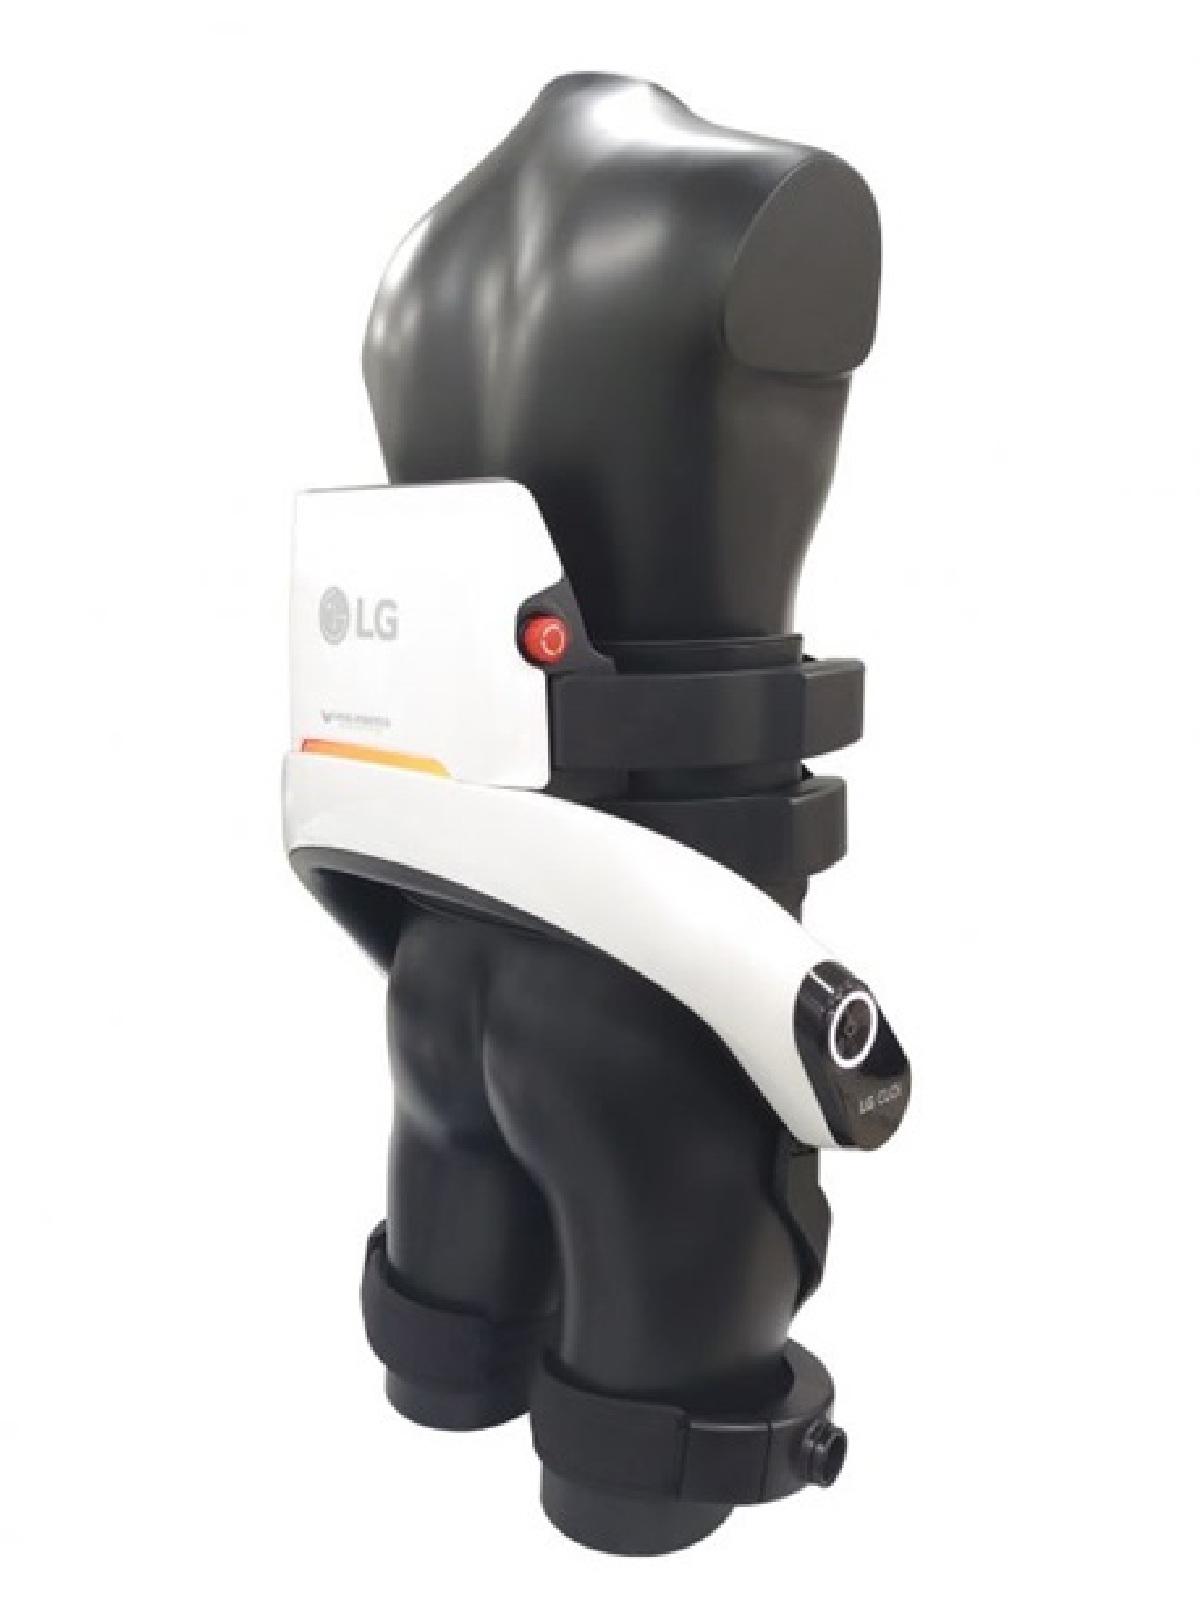 При использовании конструкции человек меньше устает, поскольку часть нагрузки насебя берет робот